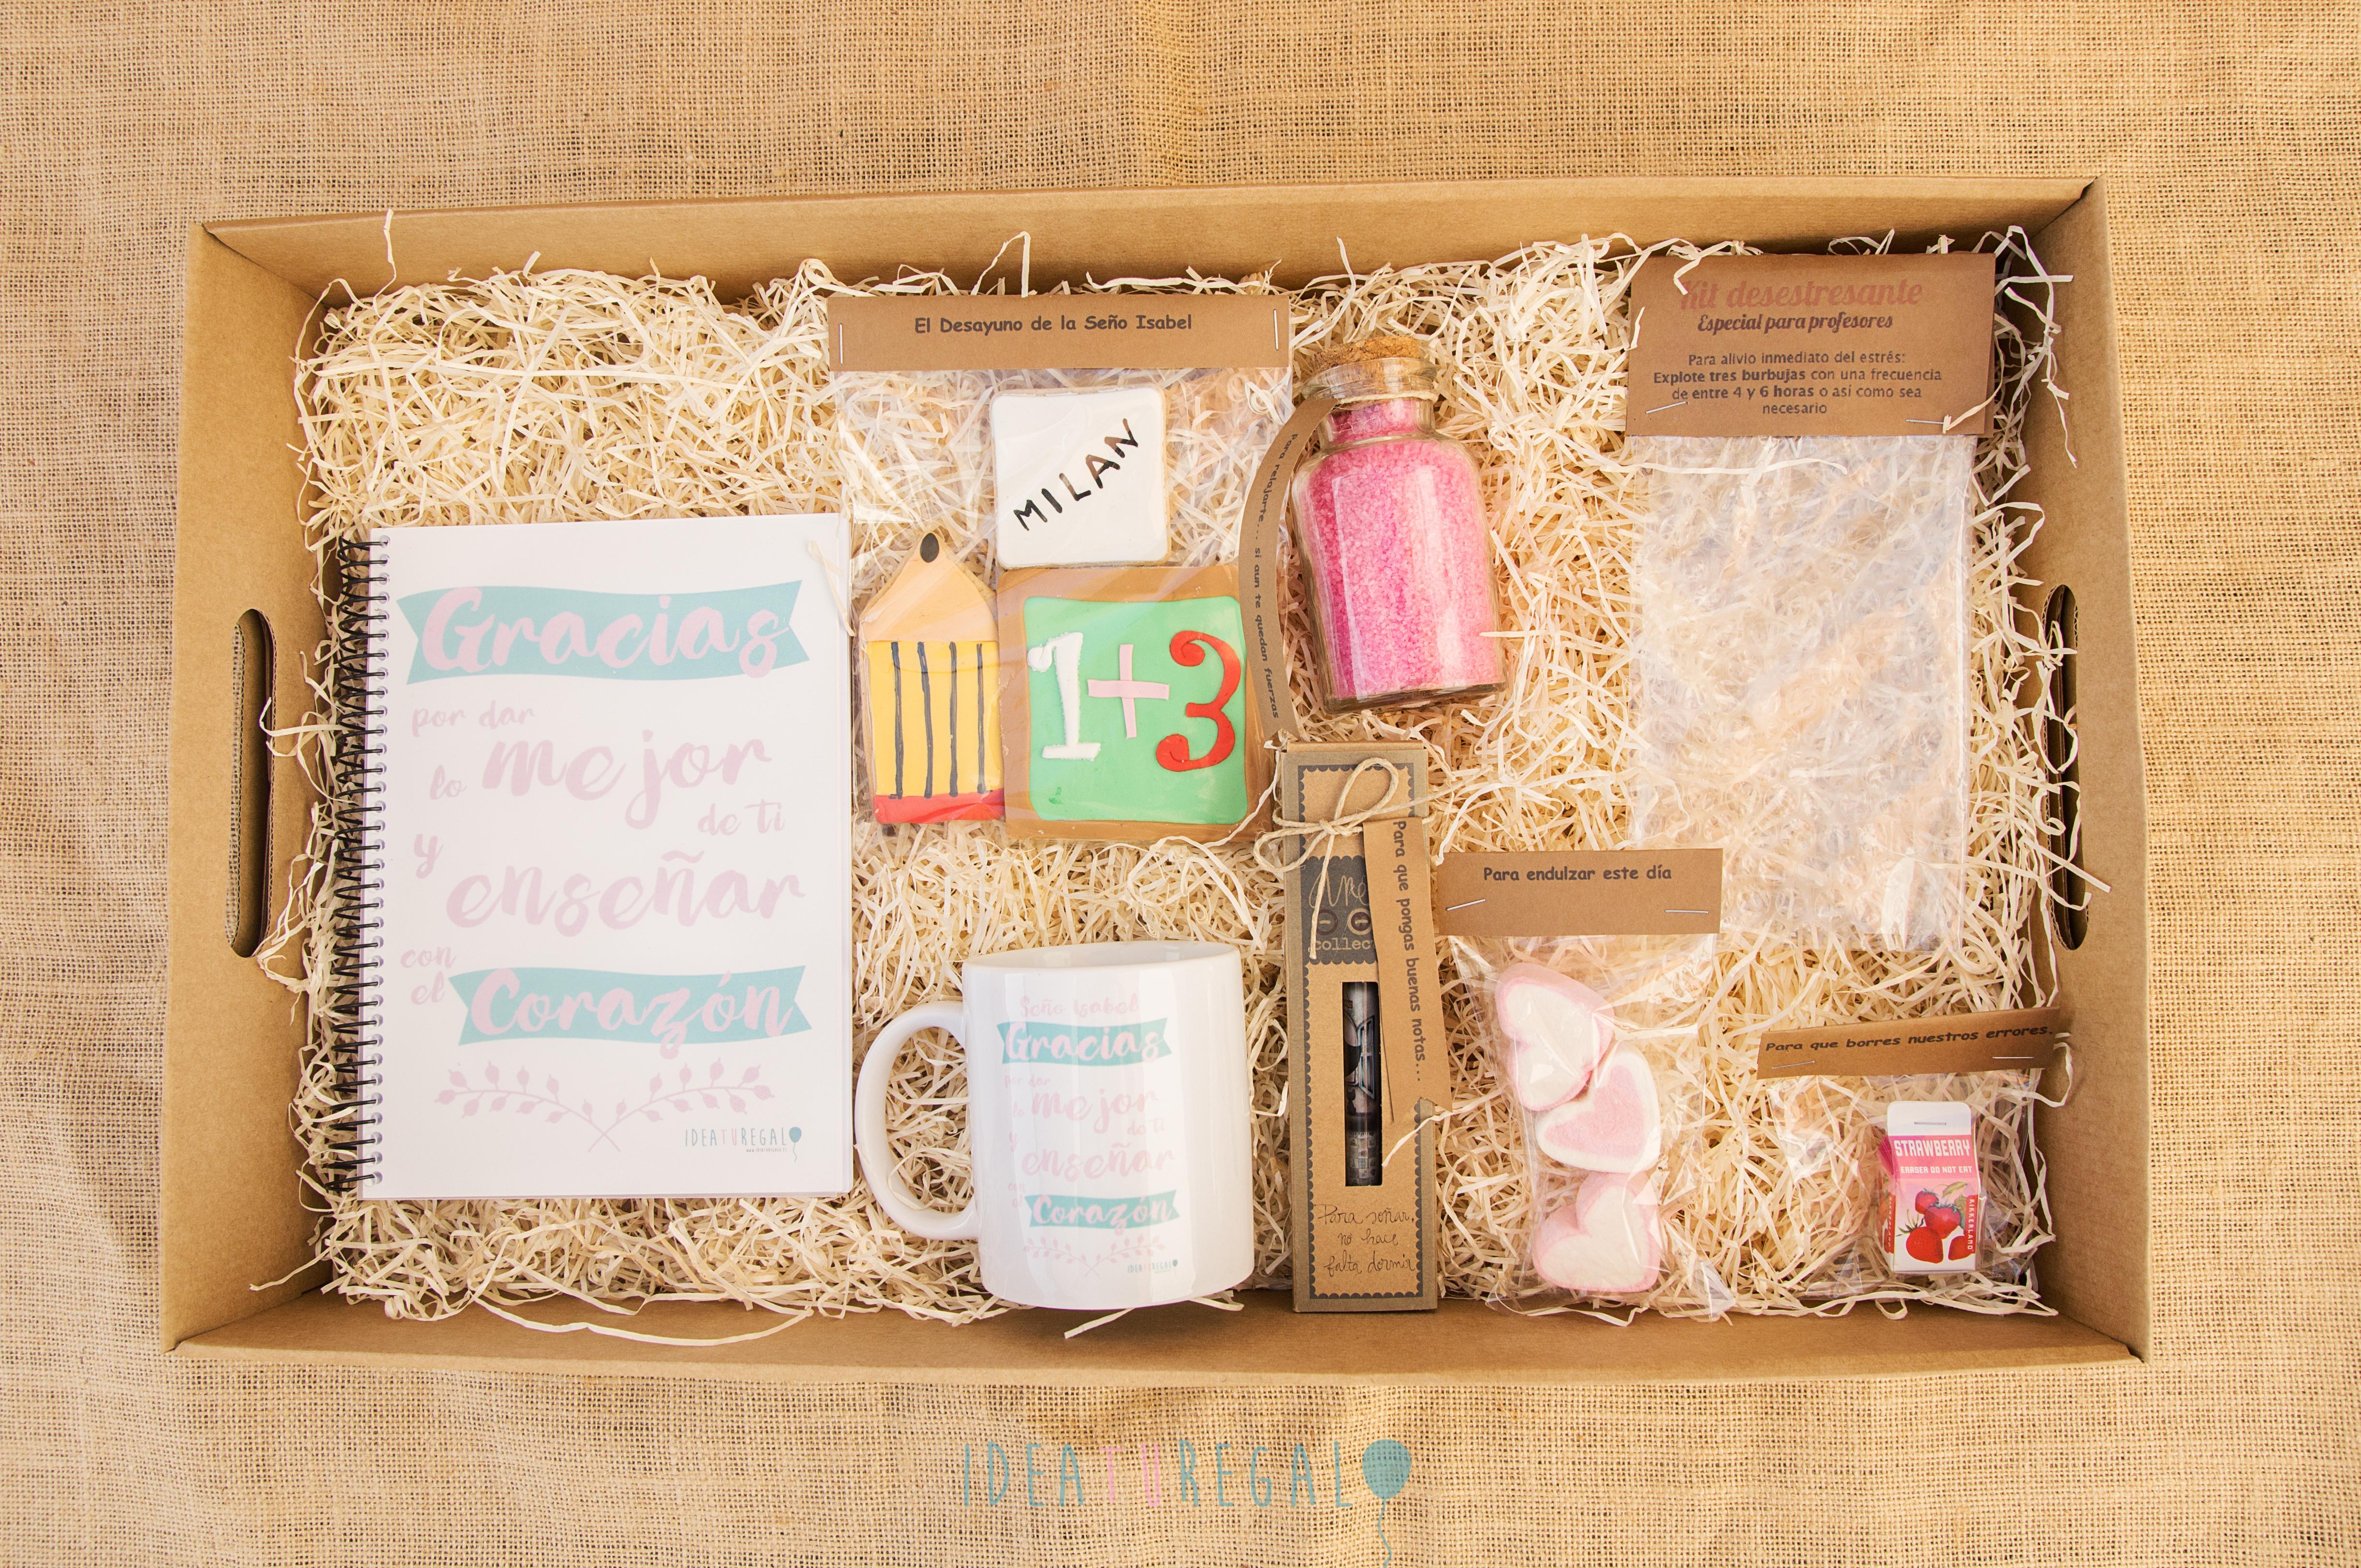 Caja con libreta, taza, boligrafo,goma, sales de baño, galletas y kit desestresante para regalos de profesores